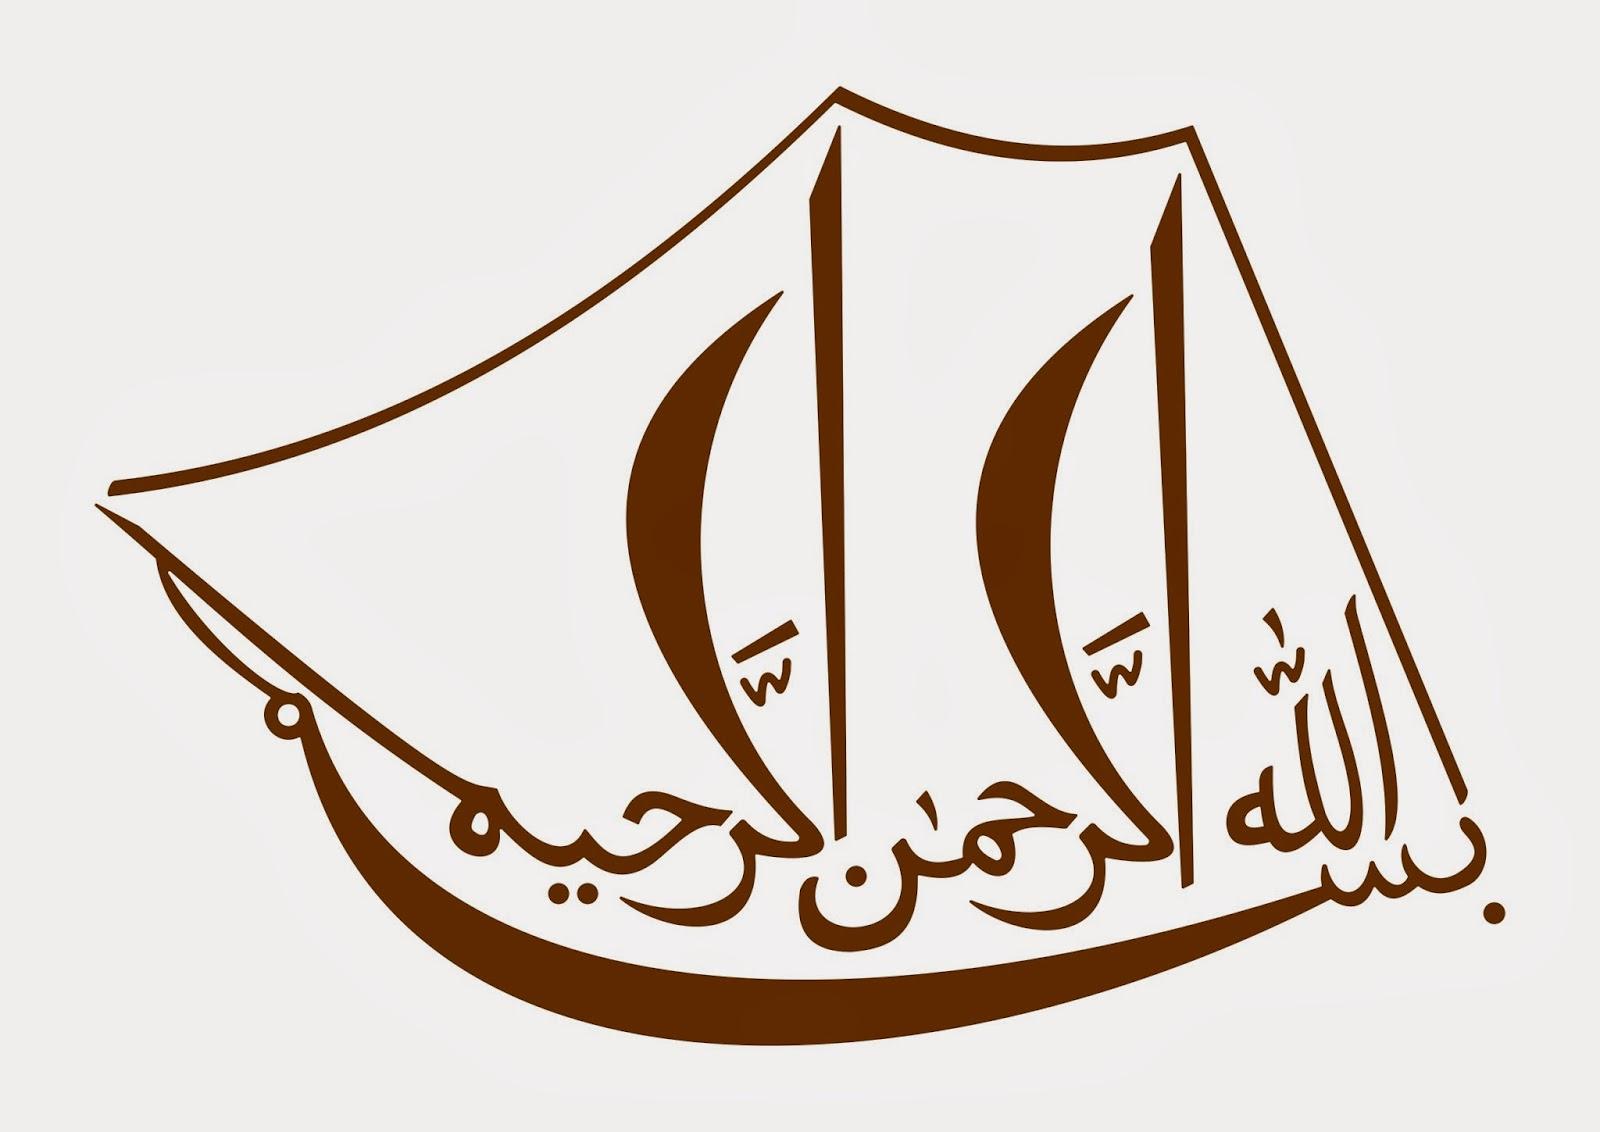 Download image Bismillah Kaligrafi Vector Download Free Graffiti PC ...